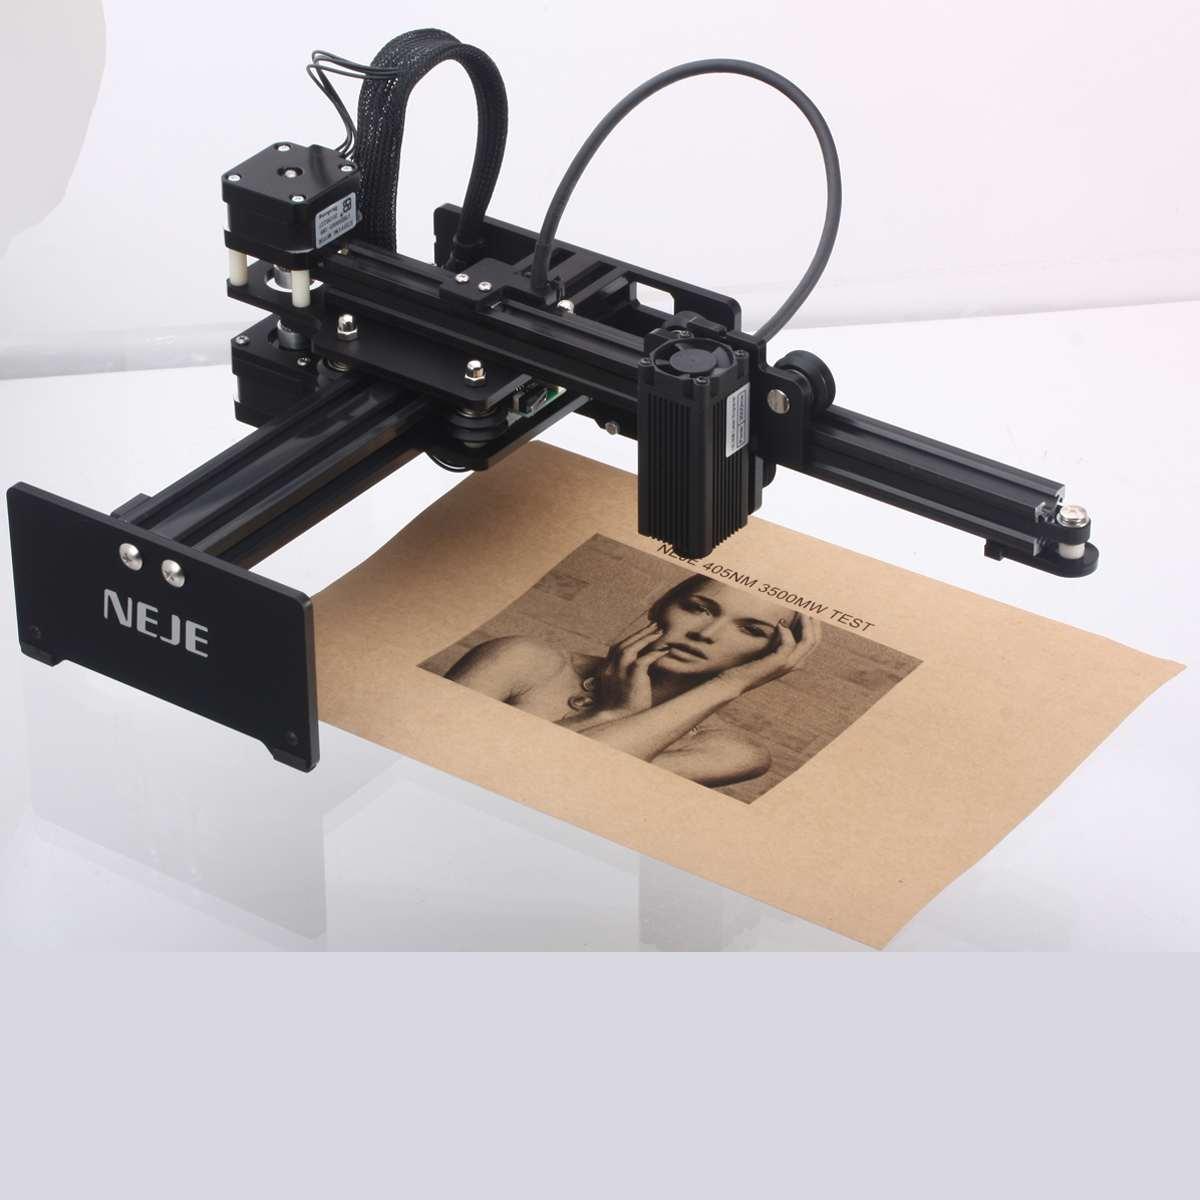 405nm 3500mW DIY Laser Wood Engraving Machine Printer Print Logo Picture Laser Cutting Engraving Machine Wood Router